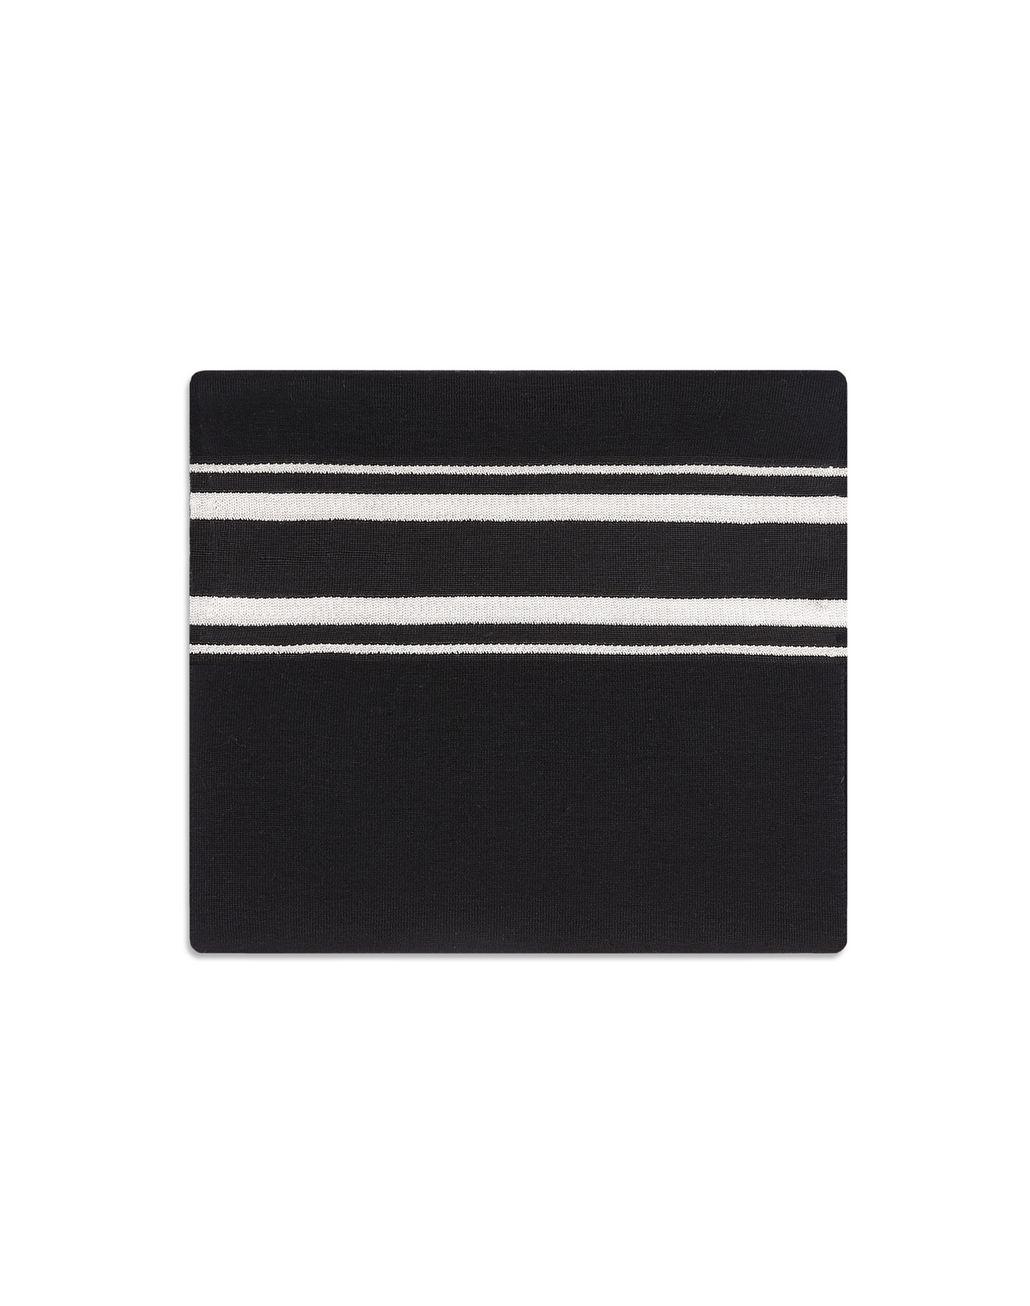 BRIONI スカーフ ブラック レジメンタルストライプ スカーフ メンズ f